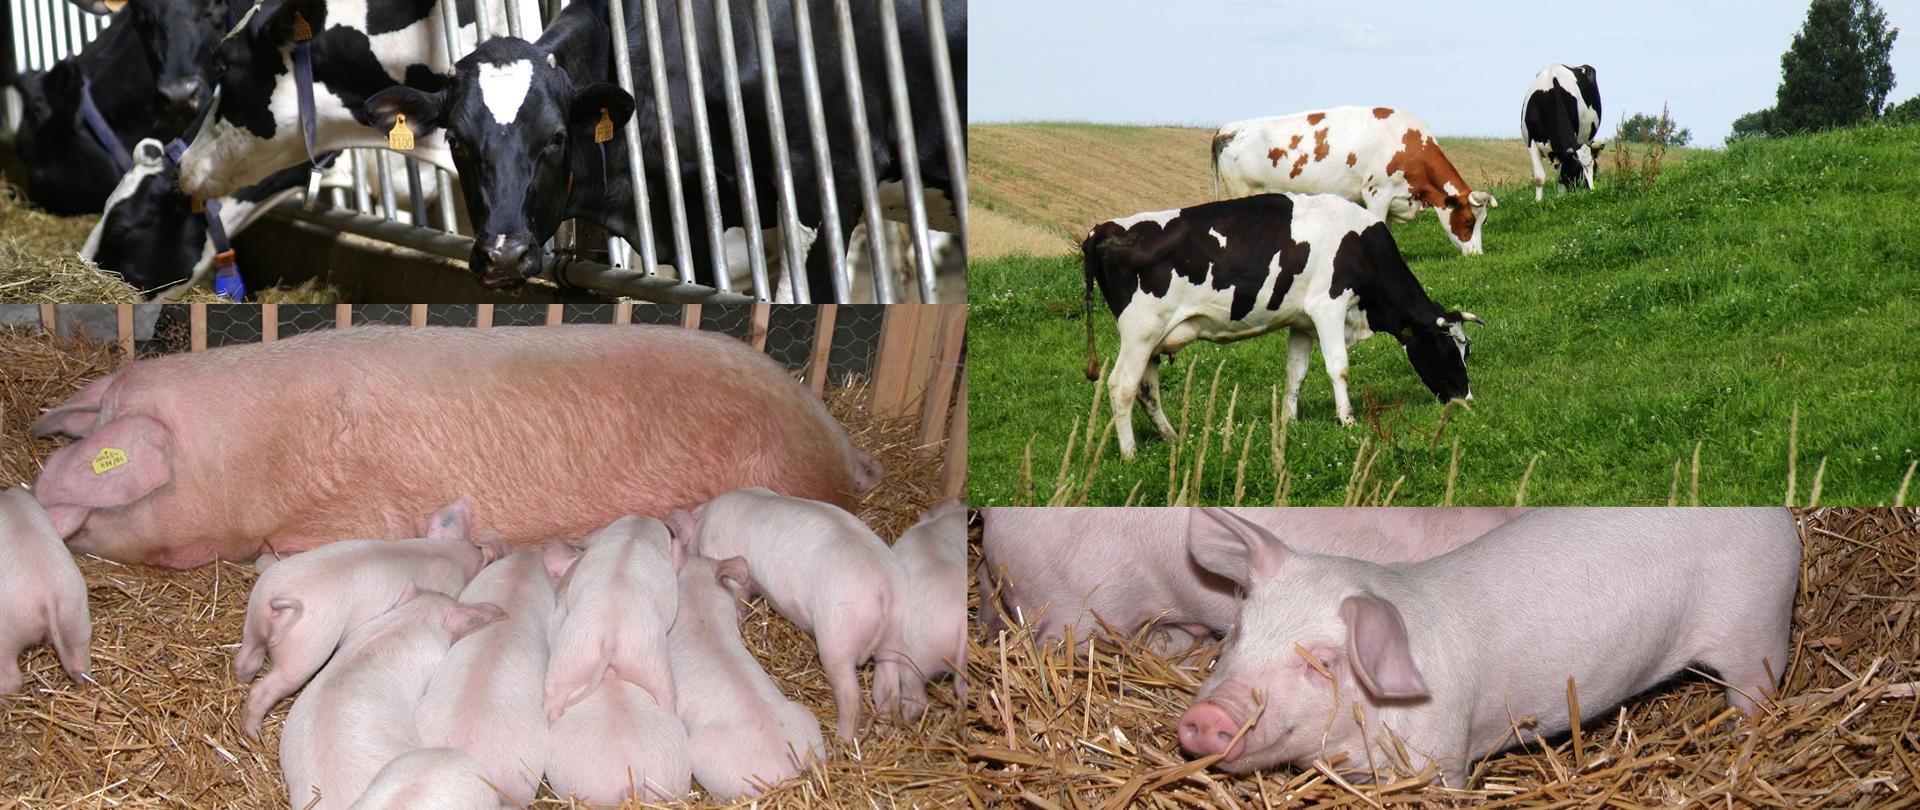 Dodatkowe wsparcie dla hodowców krów i świń - dzisiejsze decyzje Rady Ministrów